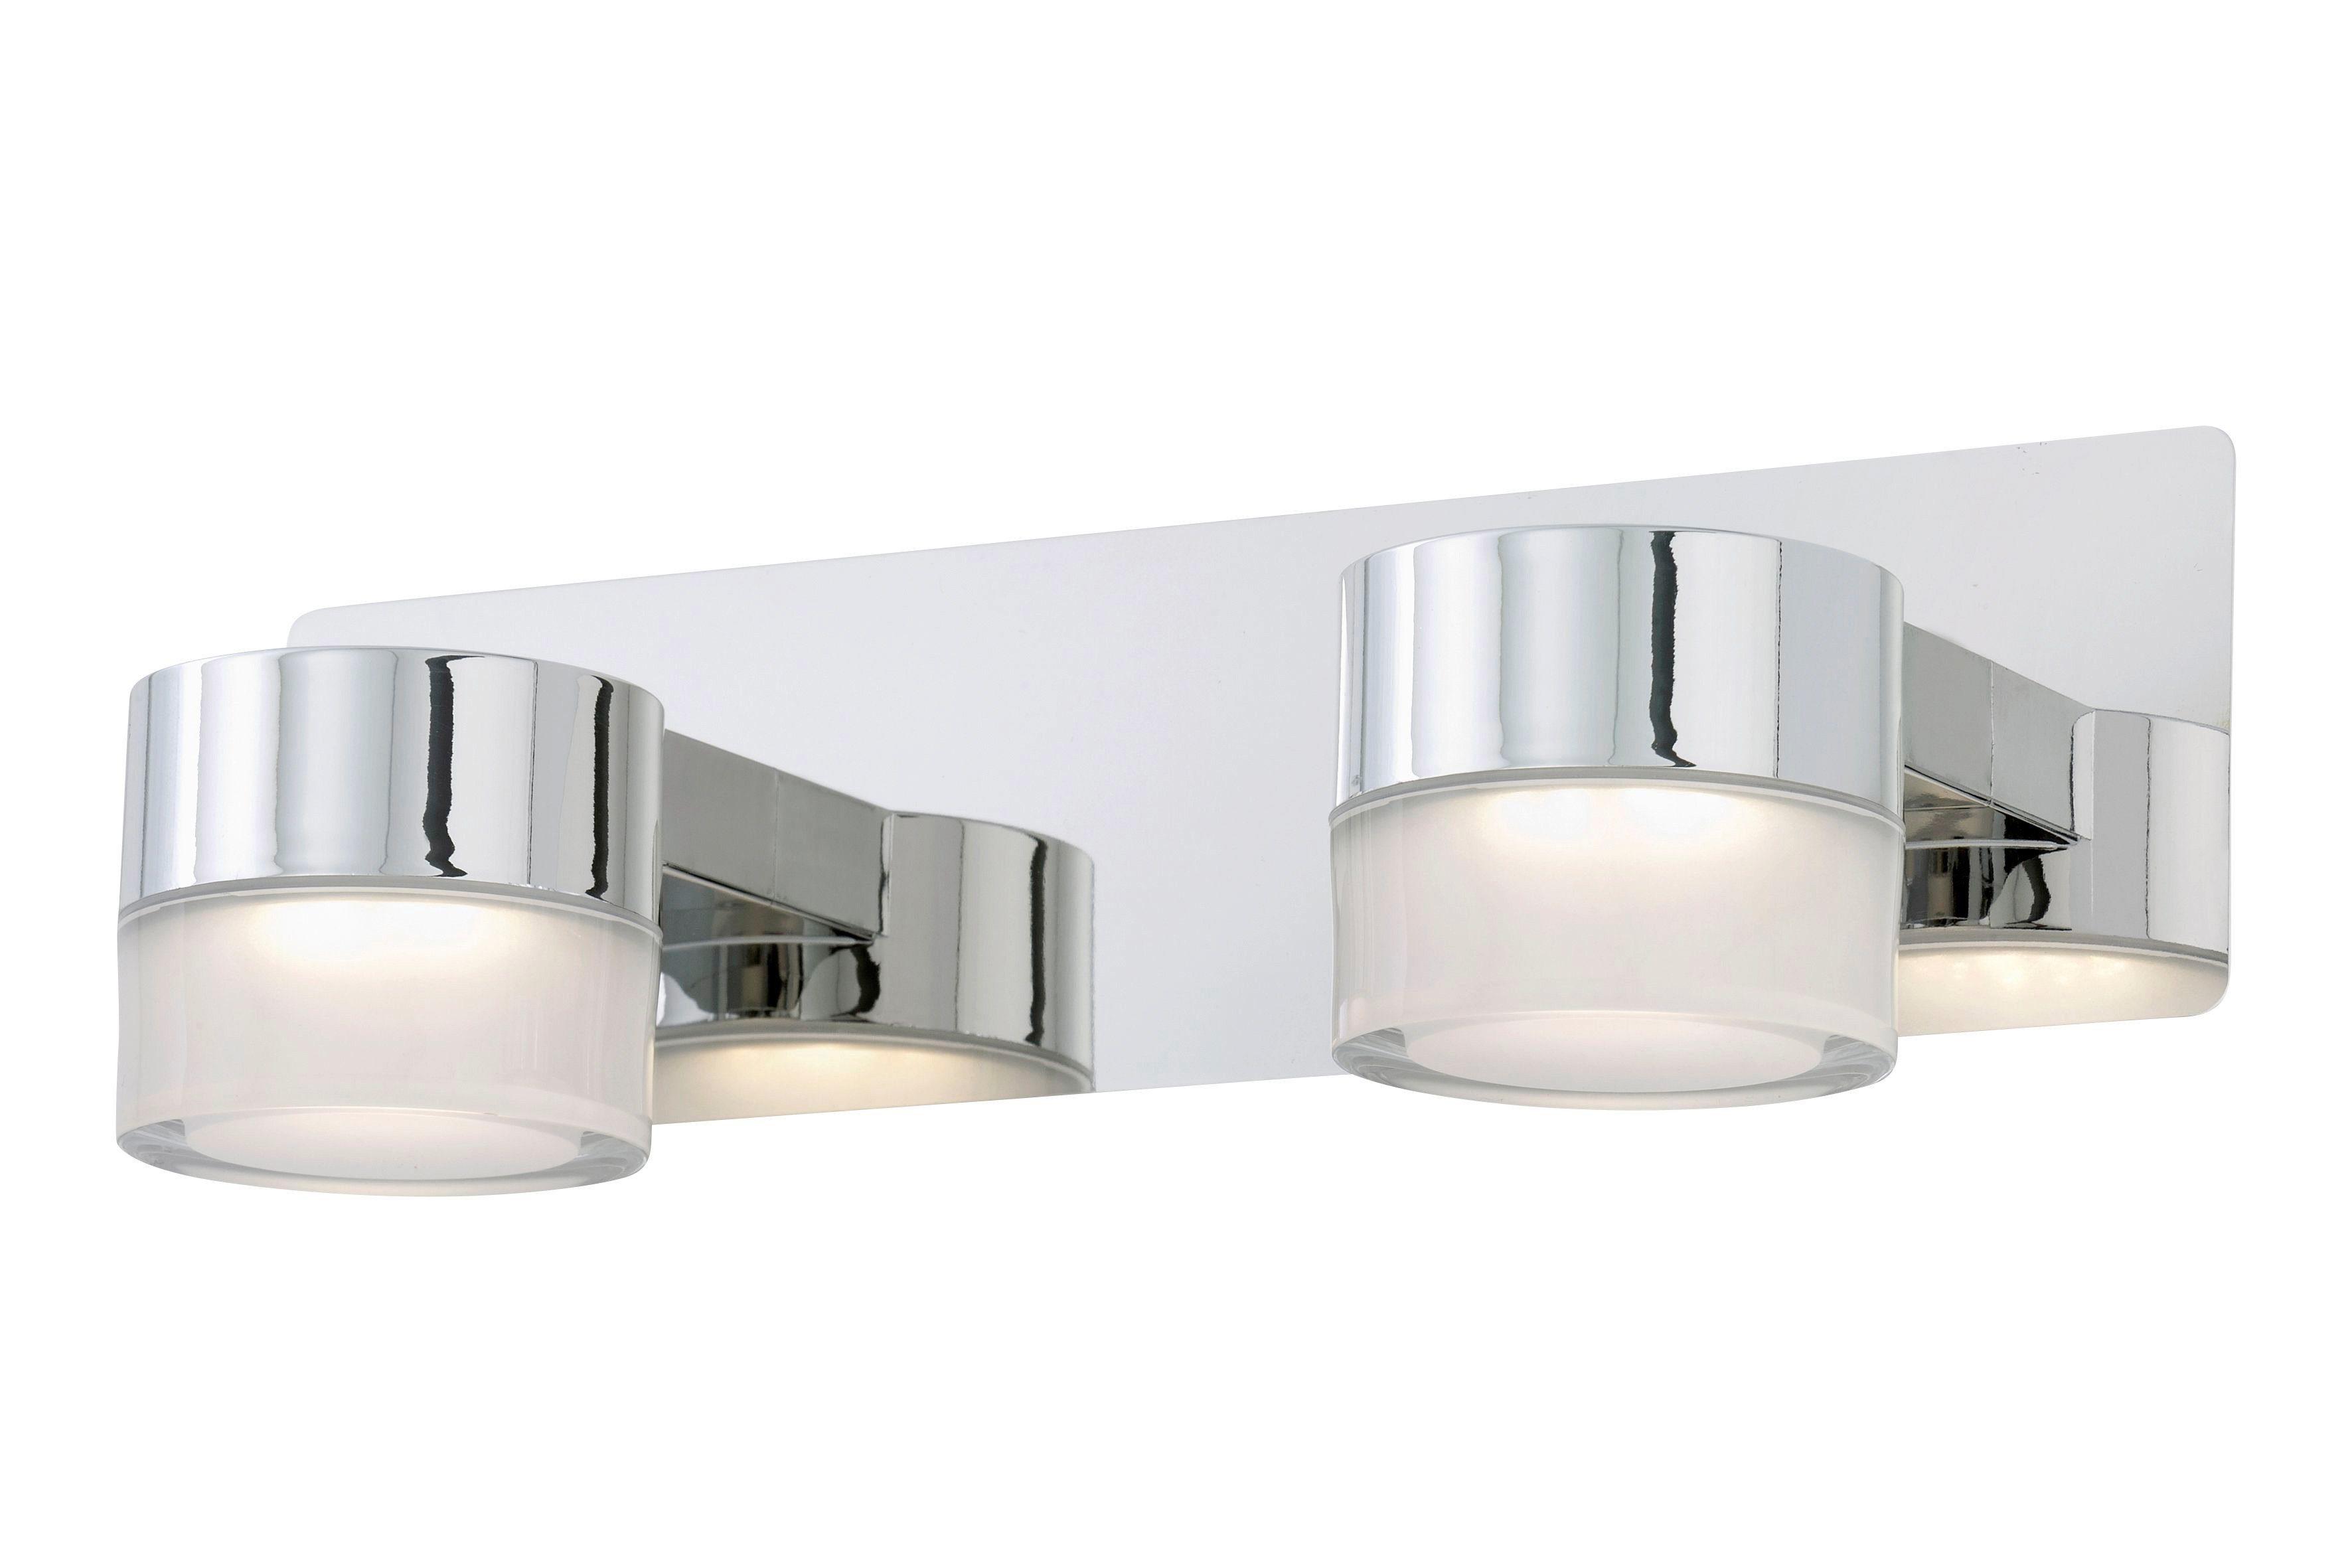 BRILONER LED-Leuchte »Surf«, 2-flammig, silber, 5W